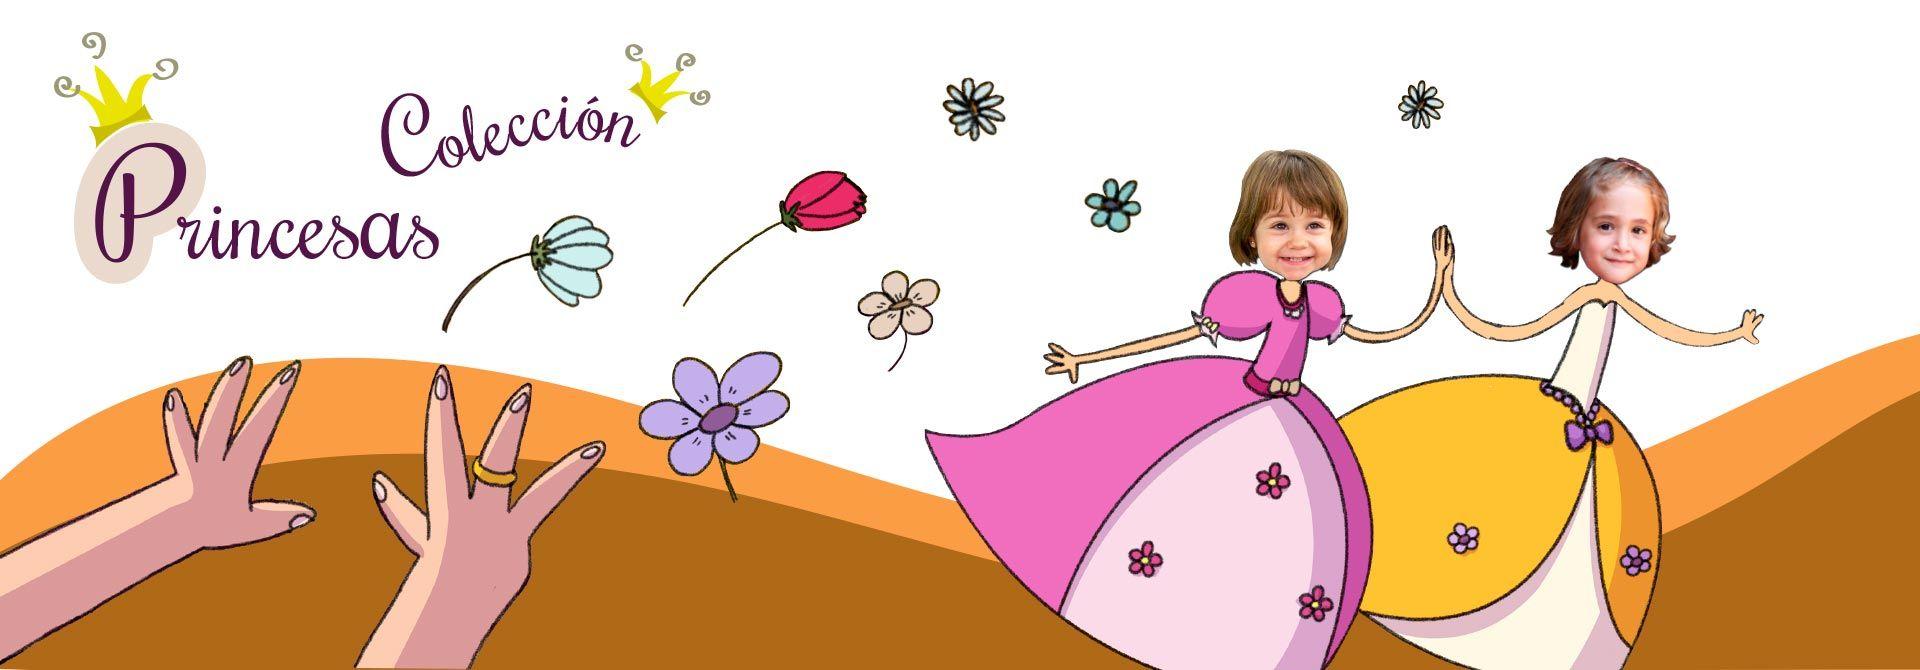 Libros personalizados con historias de princesas - Encabezado del producto